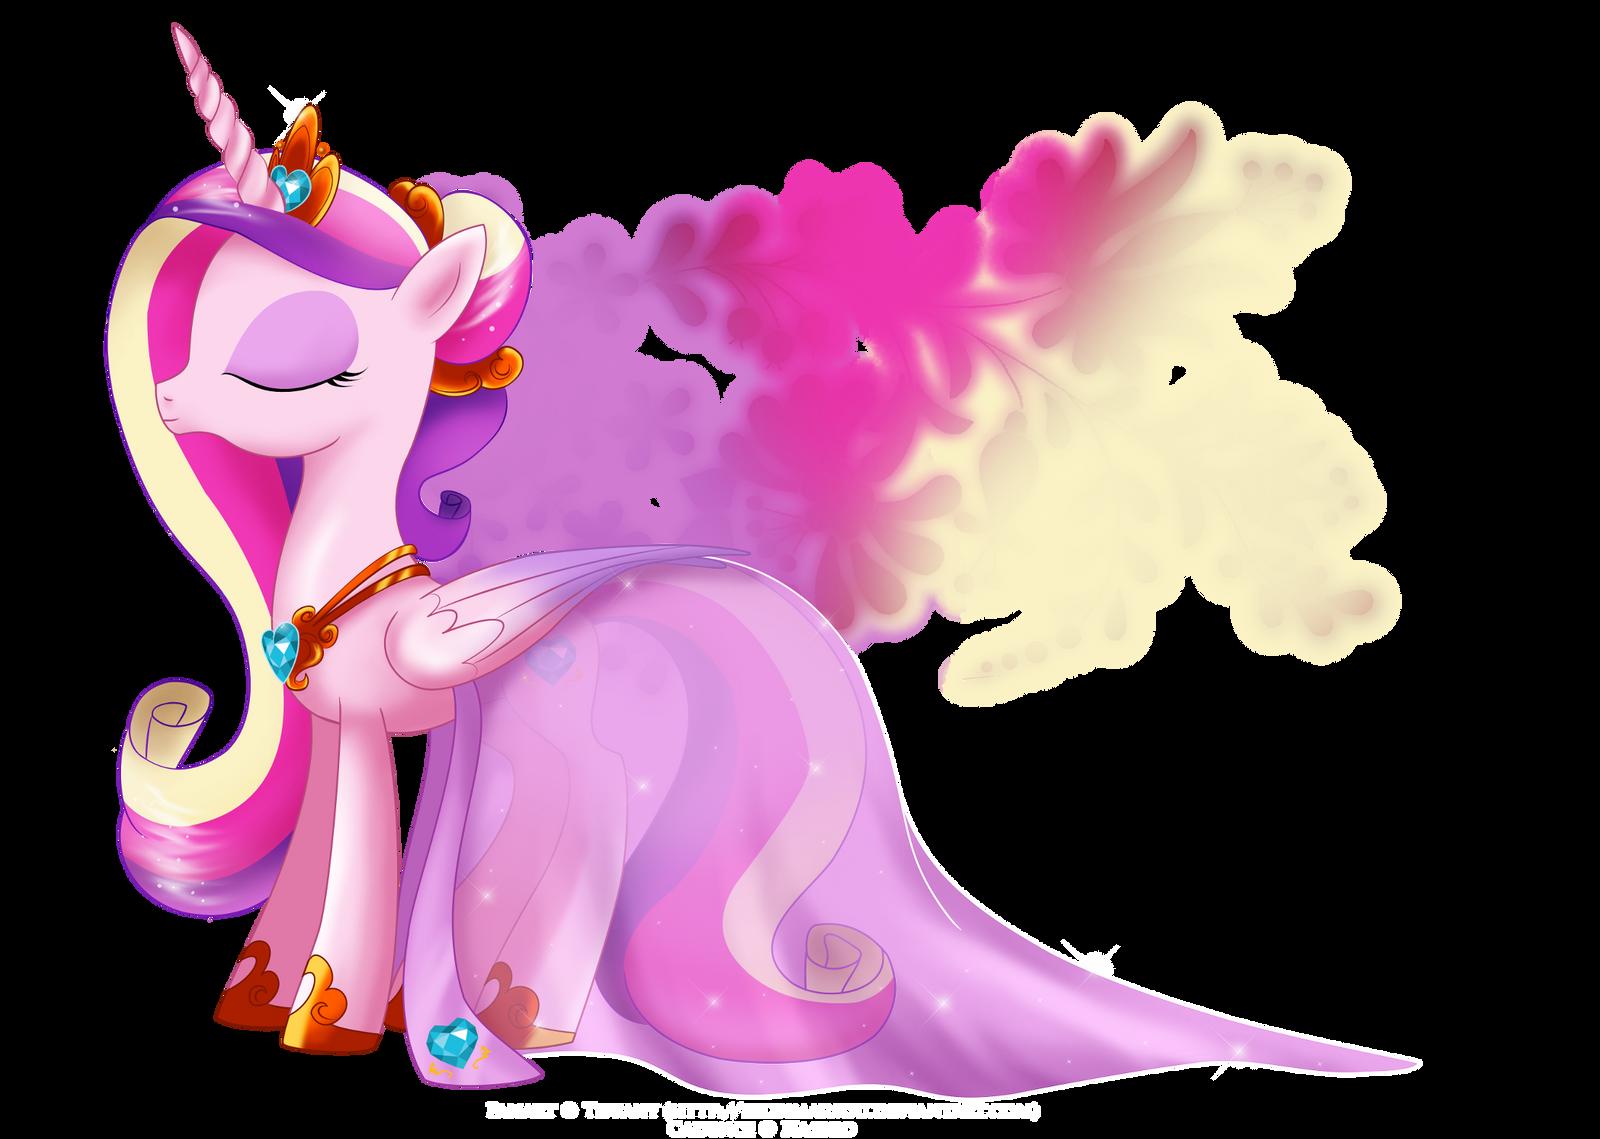 Princess of Equestria - Mi Amore Cadenza by selinmarsou